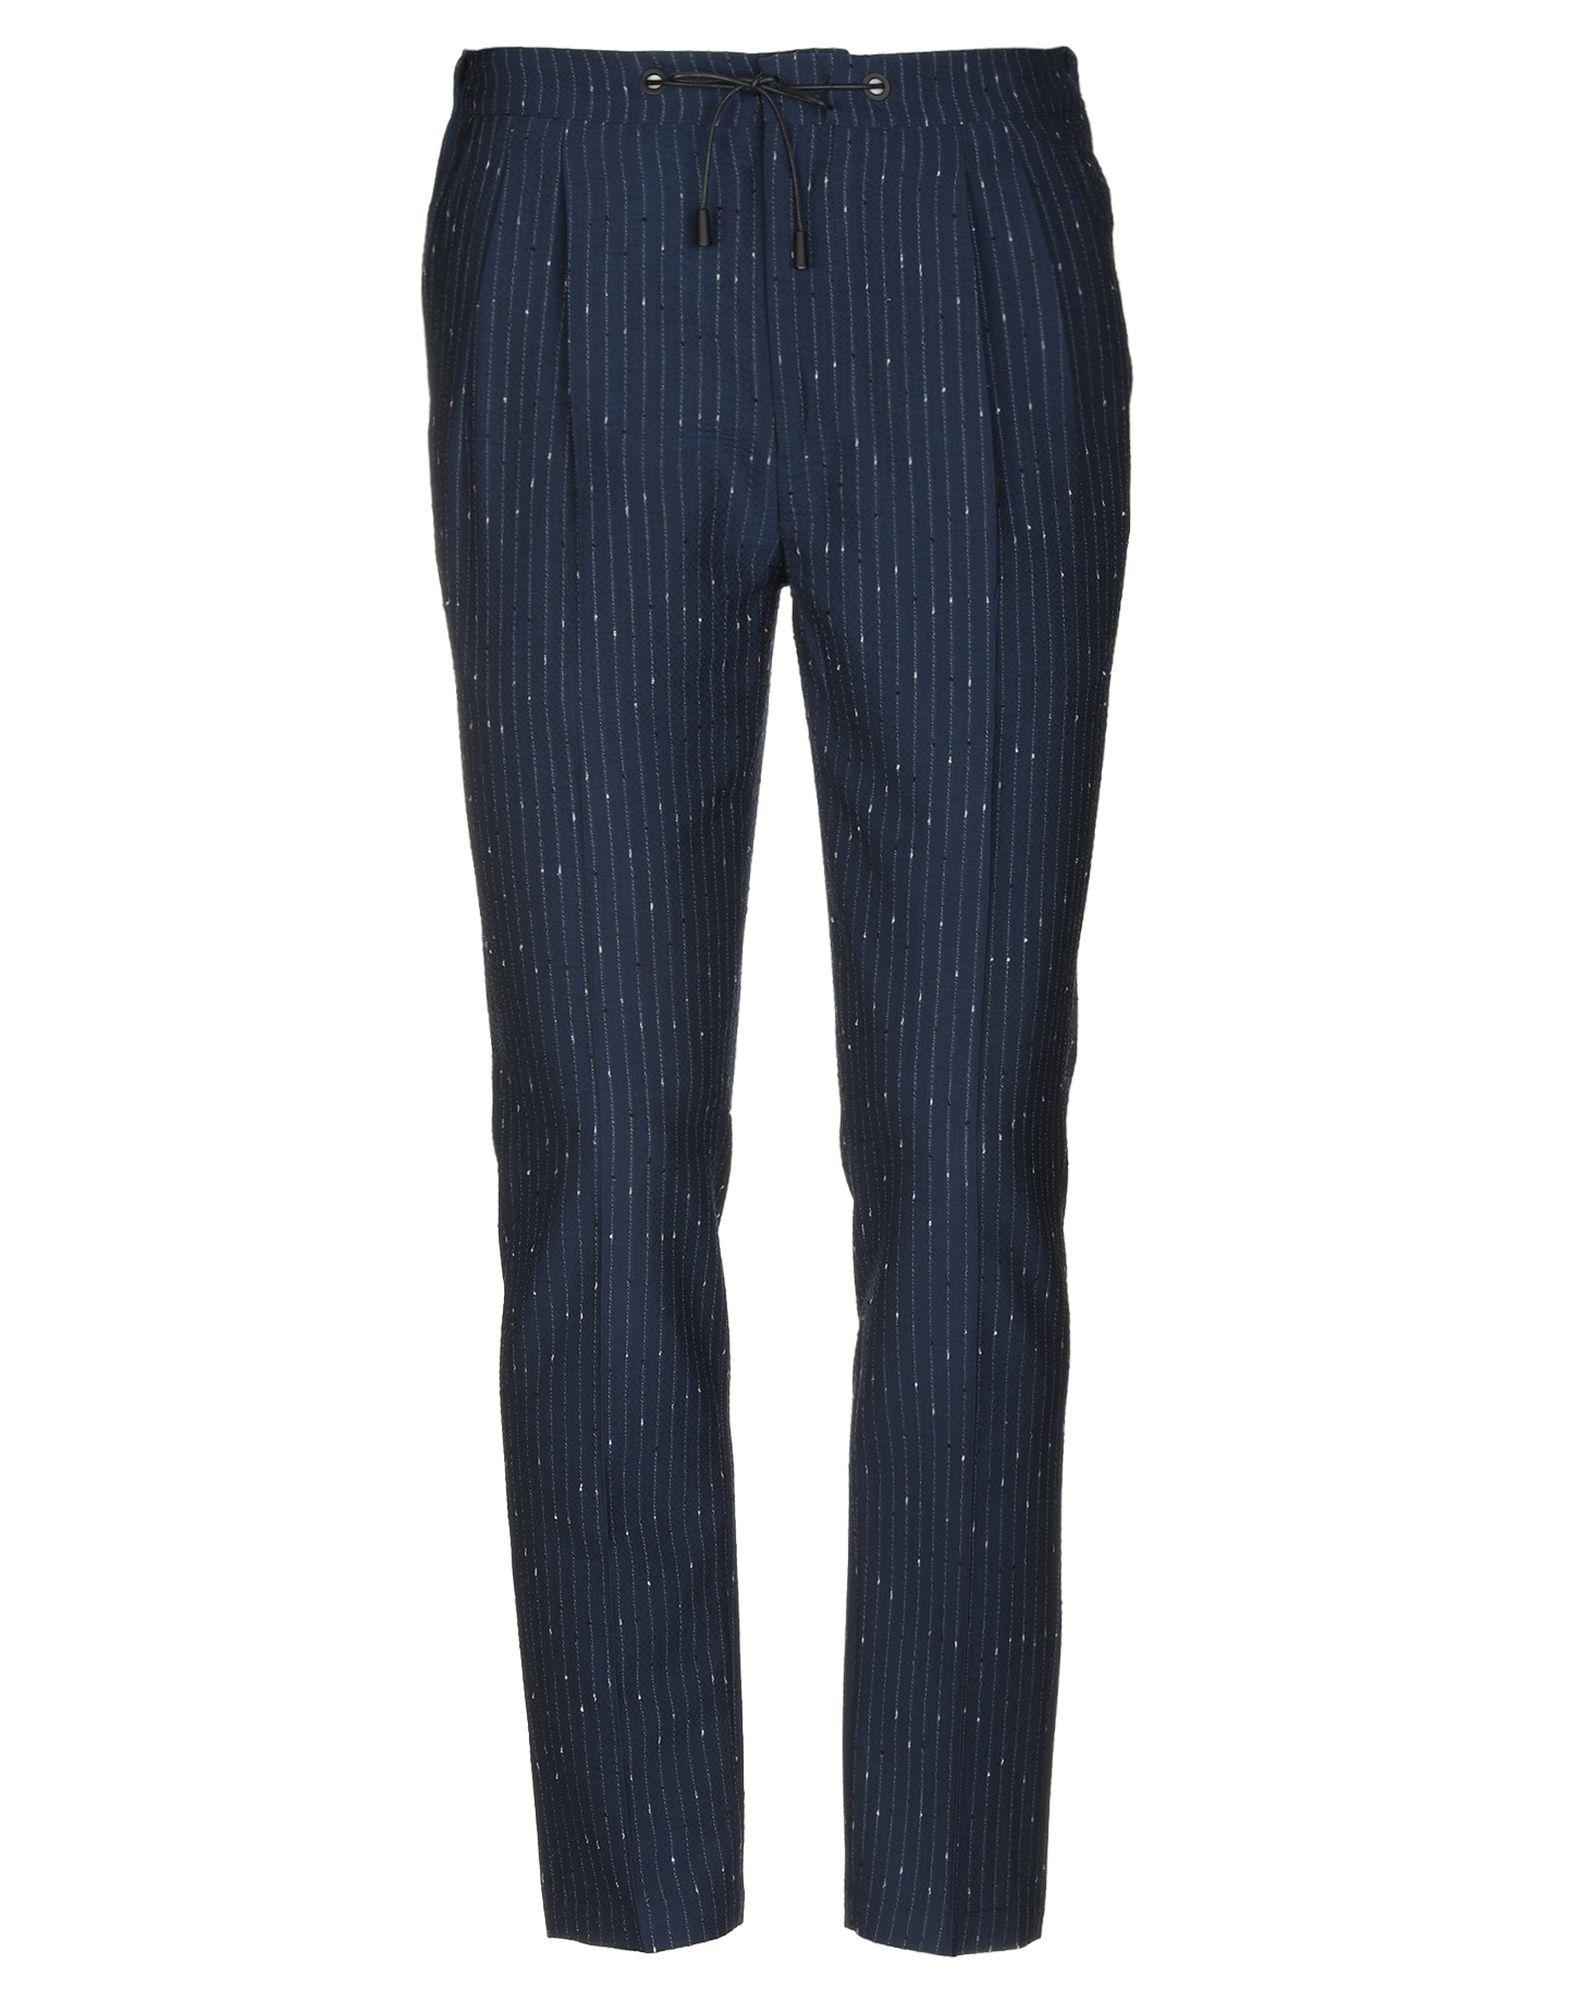 Pantalone Pantalone Pantalone Be Able uomo - 13284829SI 694